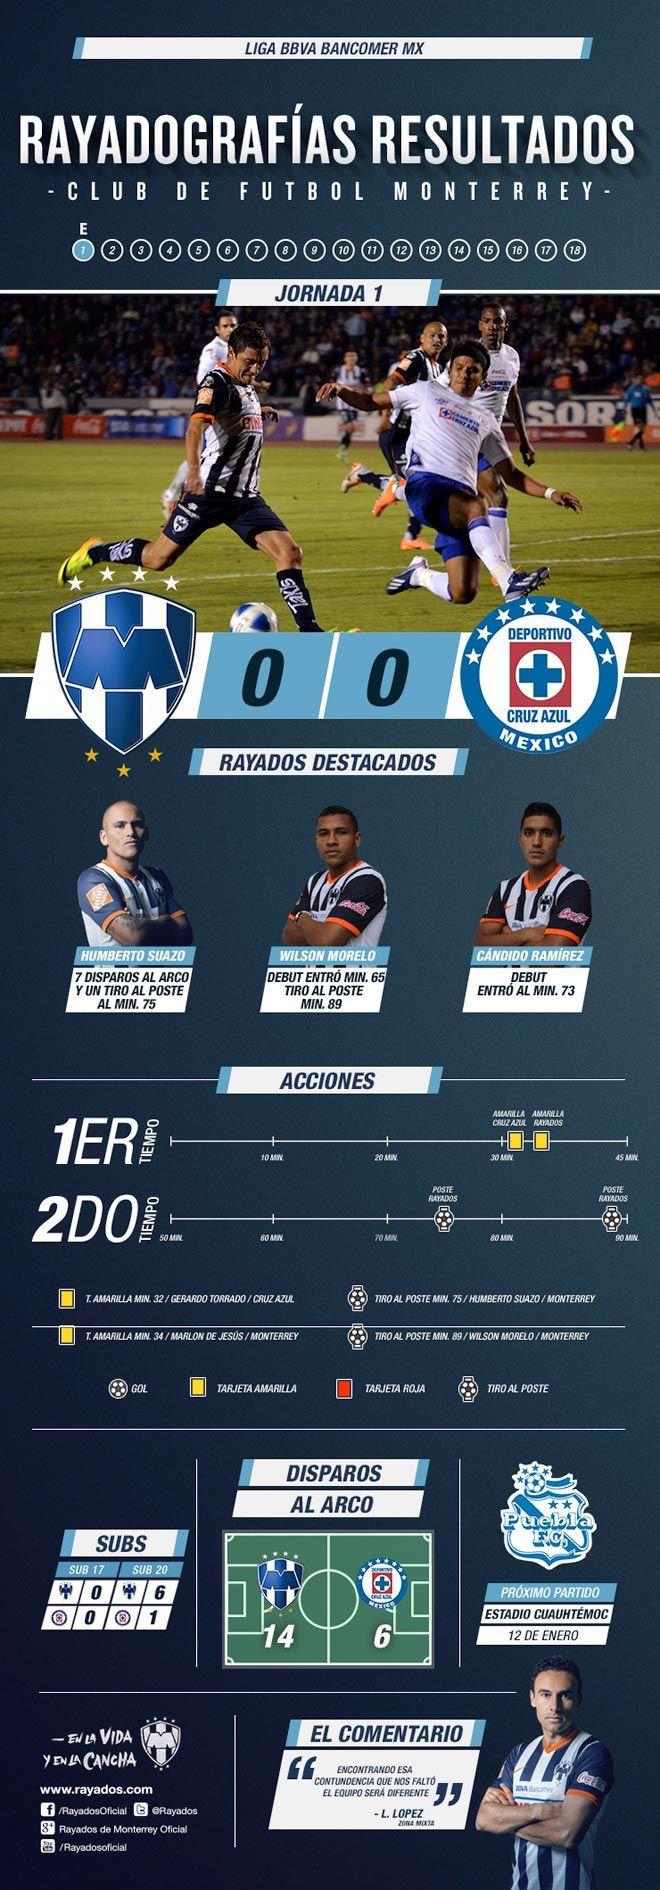 La Rayadografía de resultados de la Jornada 1. #Rayados #futbol @Liga Bancomer MX #sports #Deportes